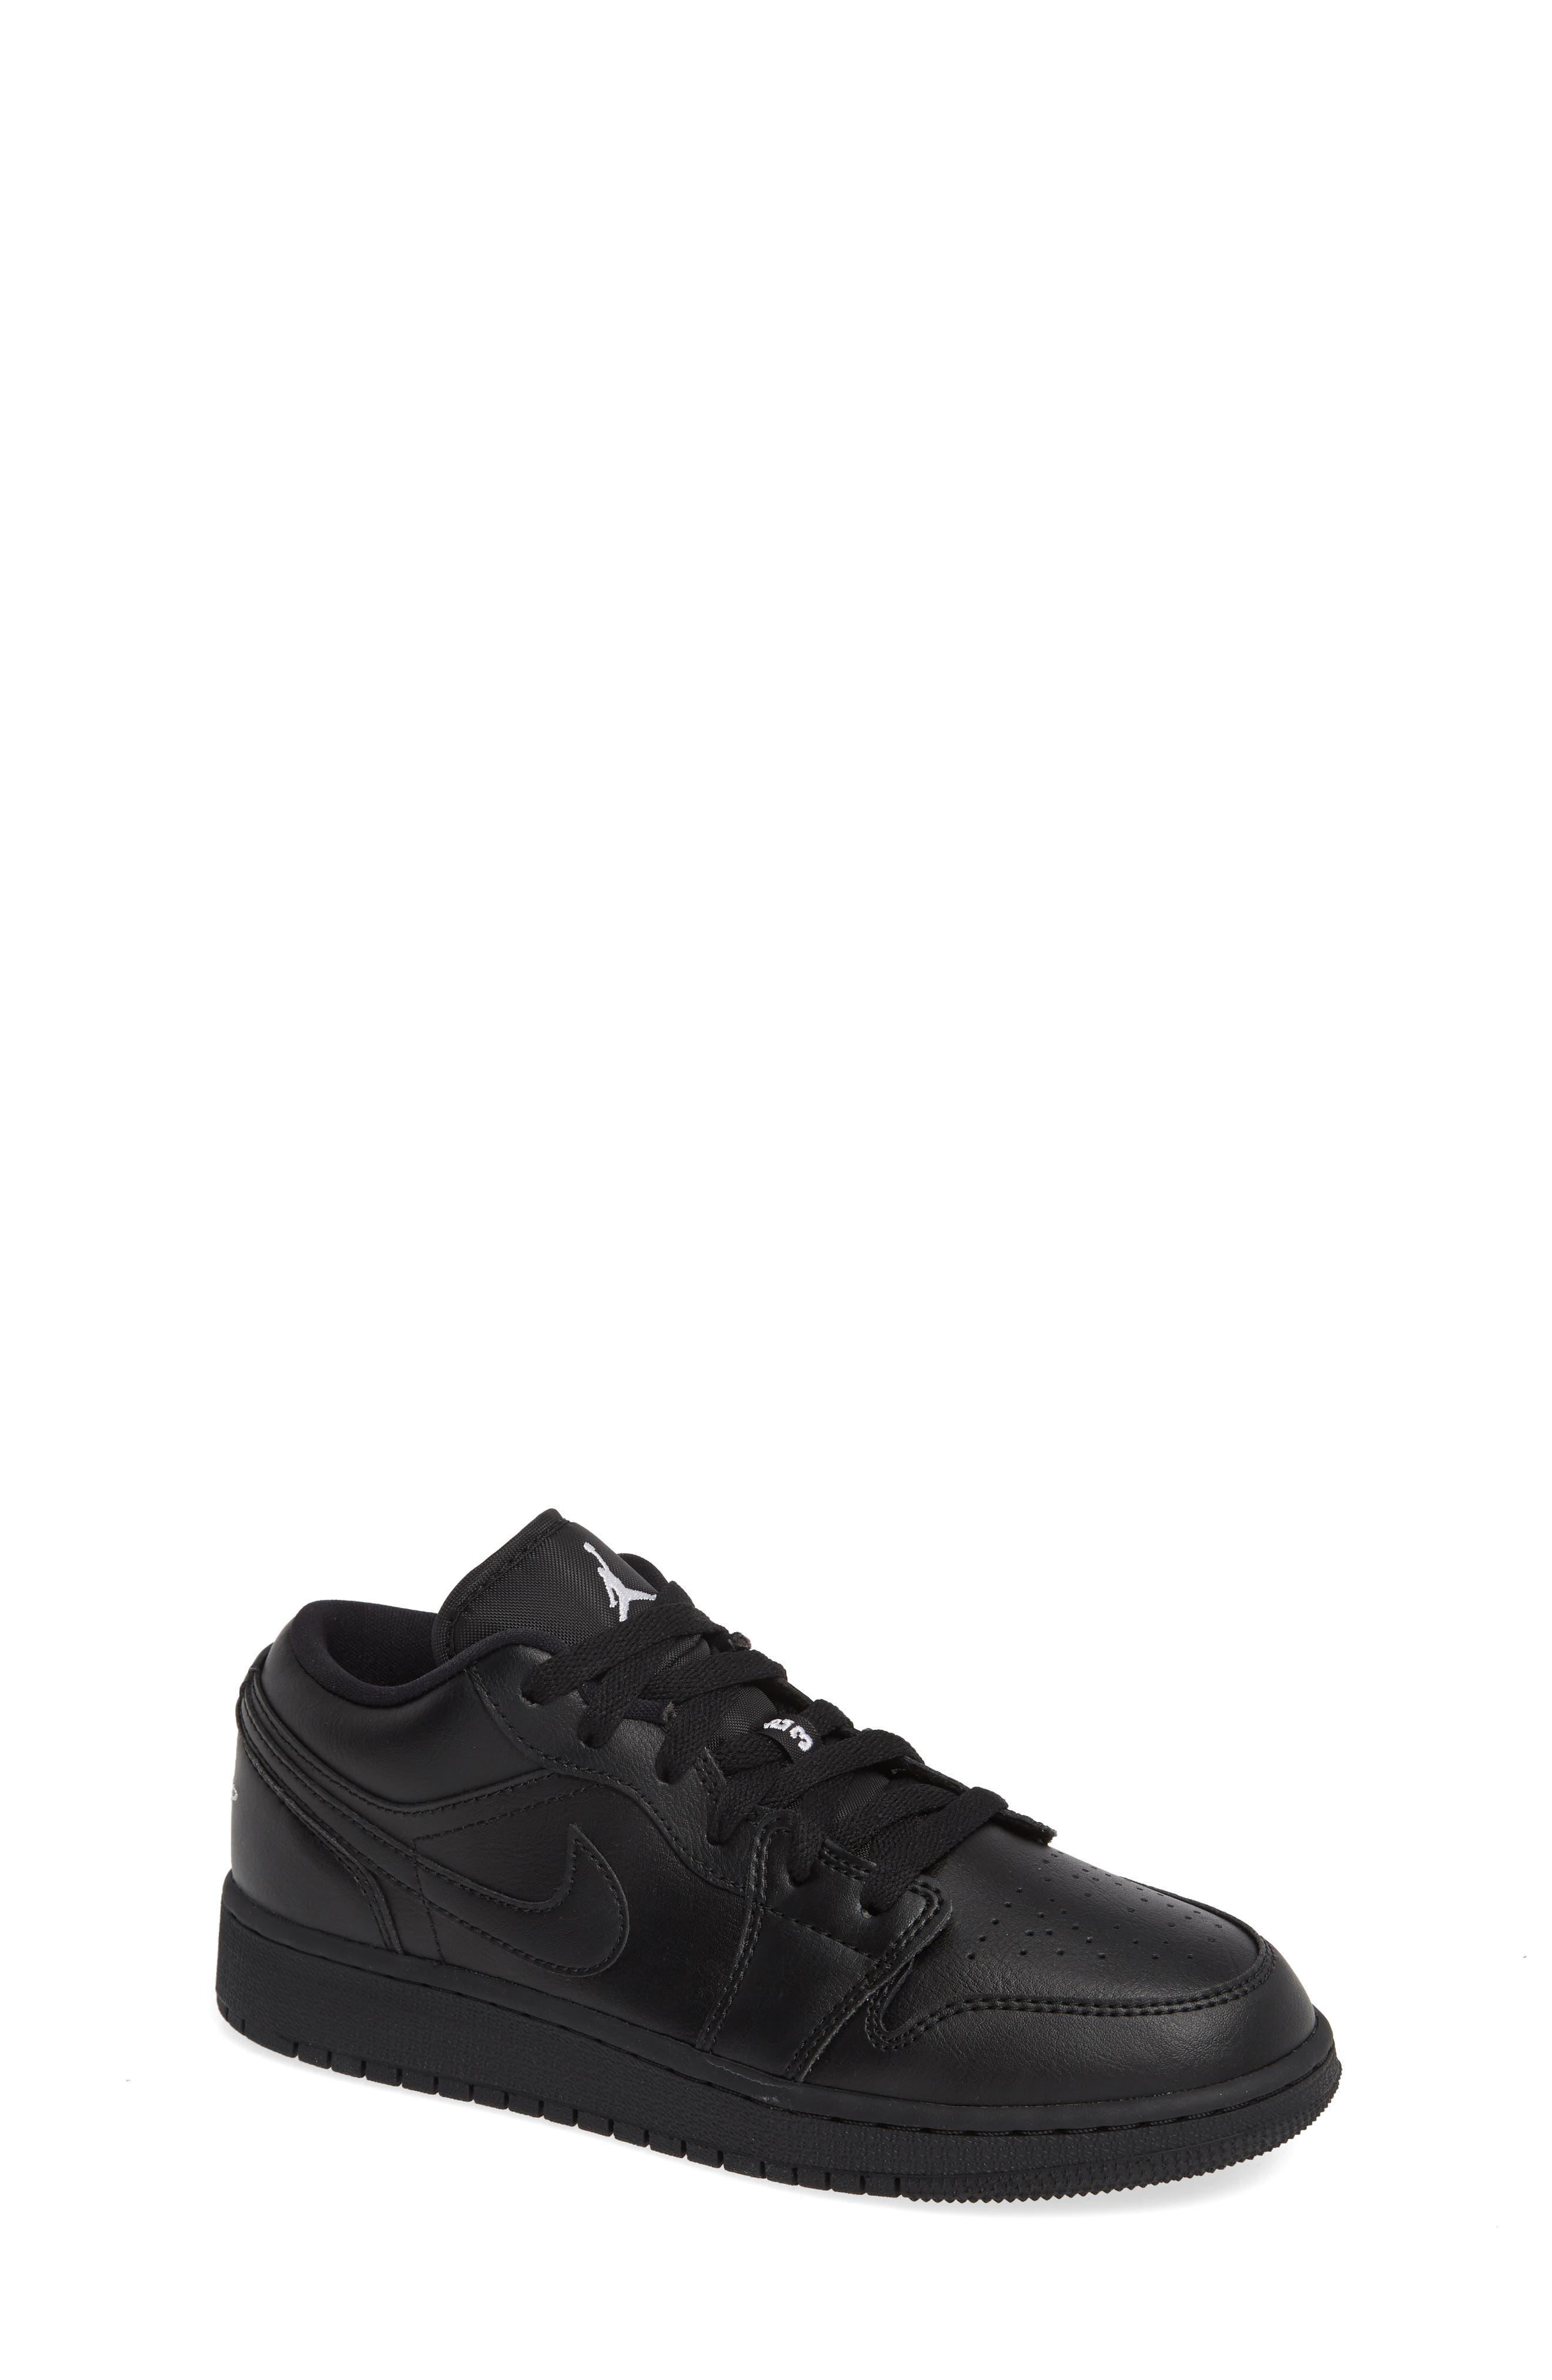 Nike 'Air Jordan 1 Low' Sneaker,                             Main thumbnail 1, color,                             BLACK/ WHITE/ BLACK